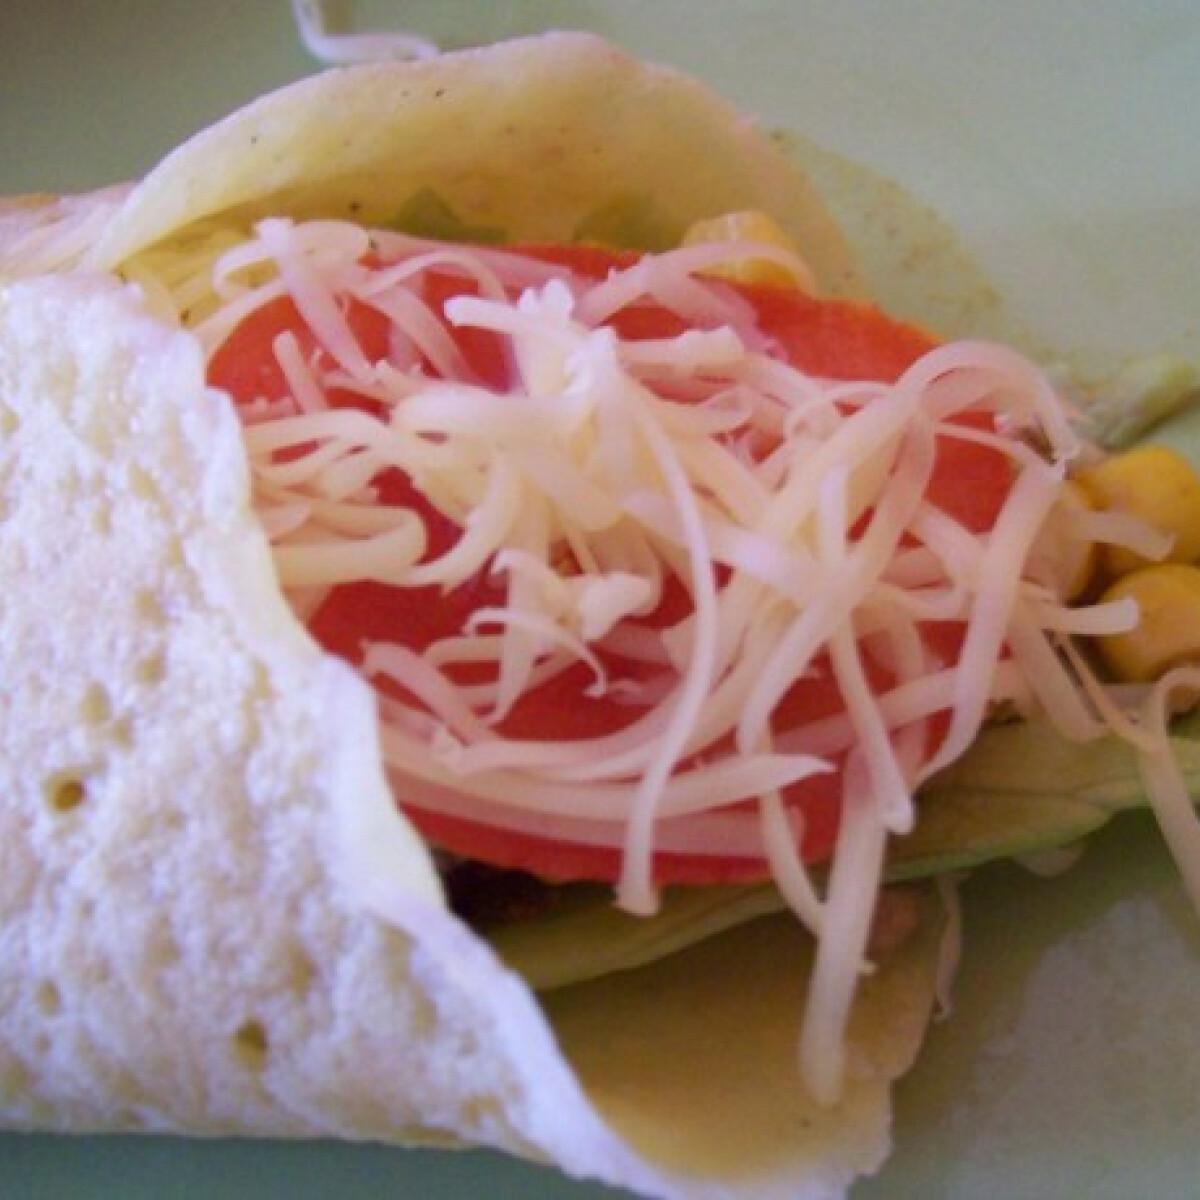 Ezen a képen: Palacsintasütőben süthető tortilla lap